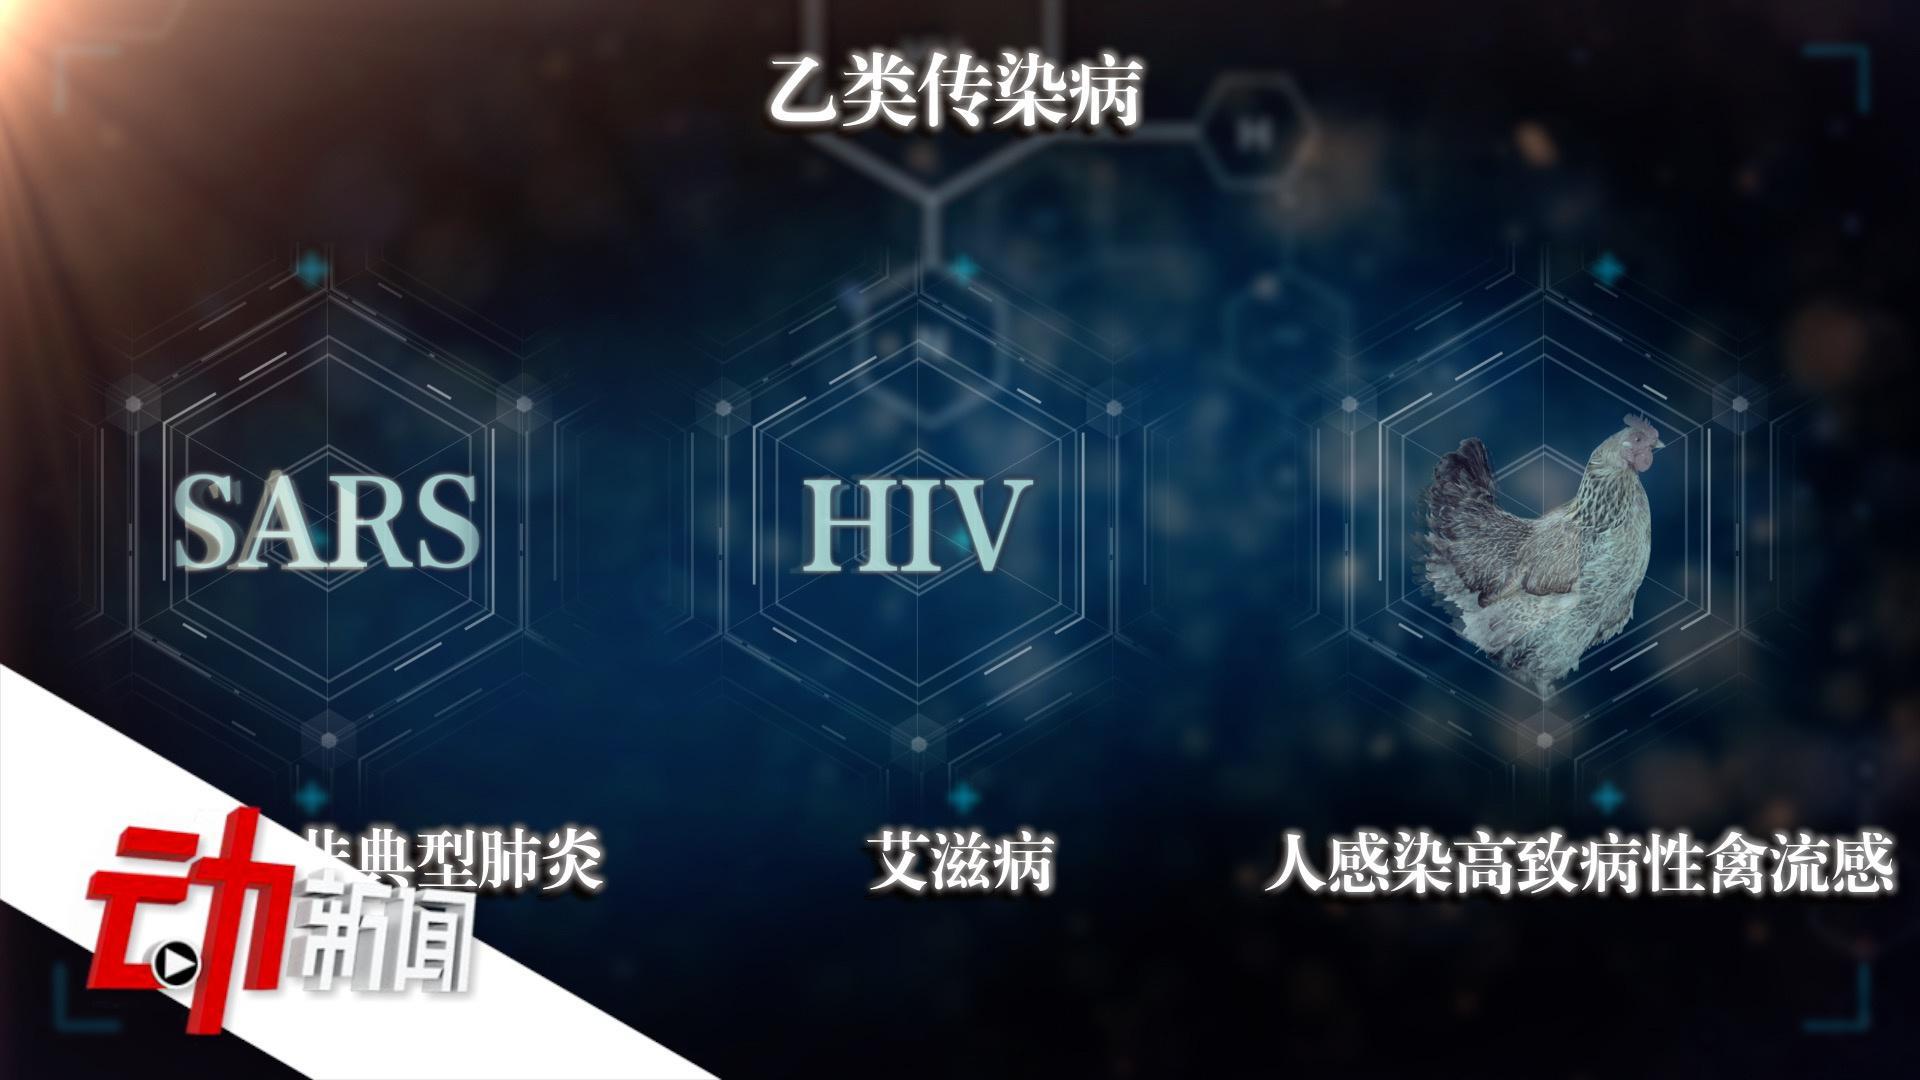 新型冠状病毒肺炎纳入法定传染病 甲类防控乙类传染病意味着什么